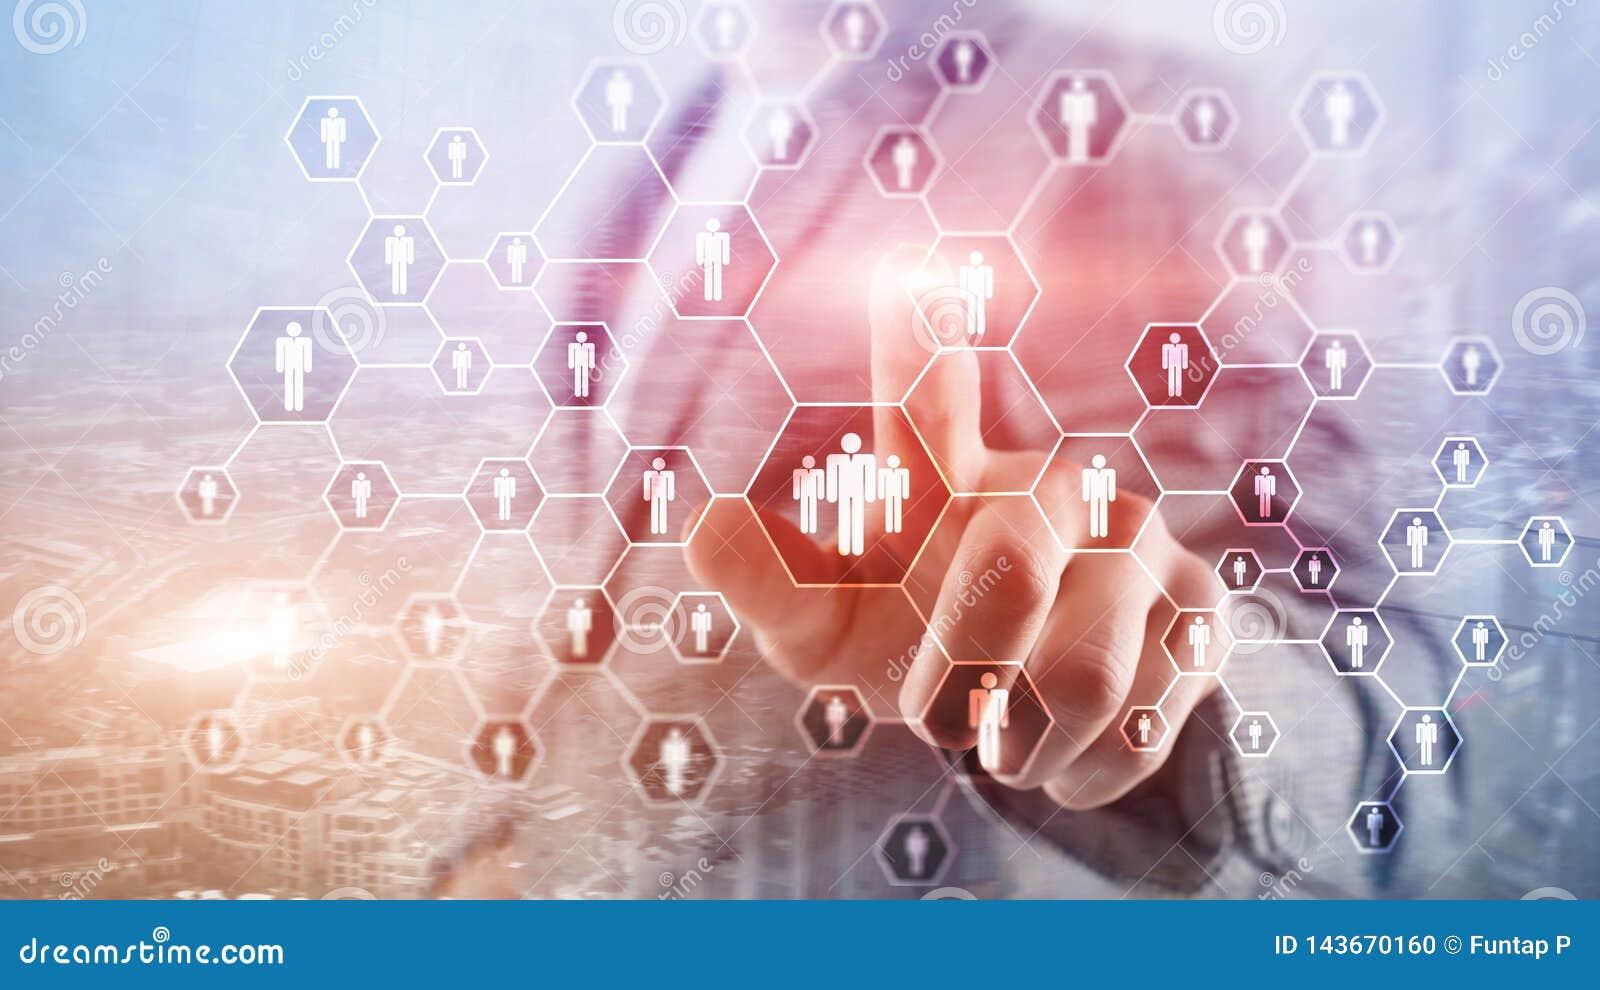 Stunde, Personalwesen-, Einstellungs-, Organisationsstruktur und Konzept des Sozialen Netzes